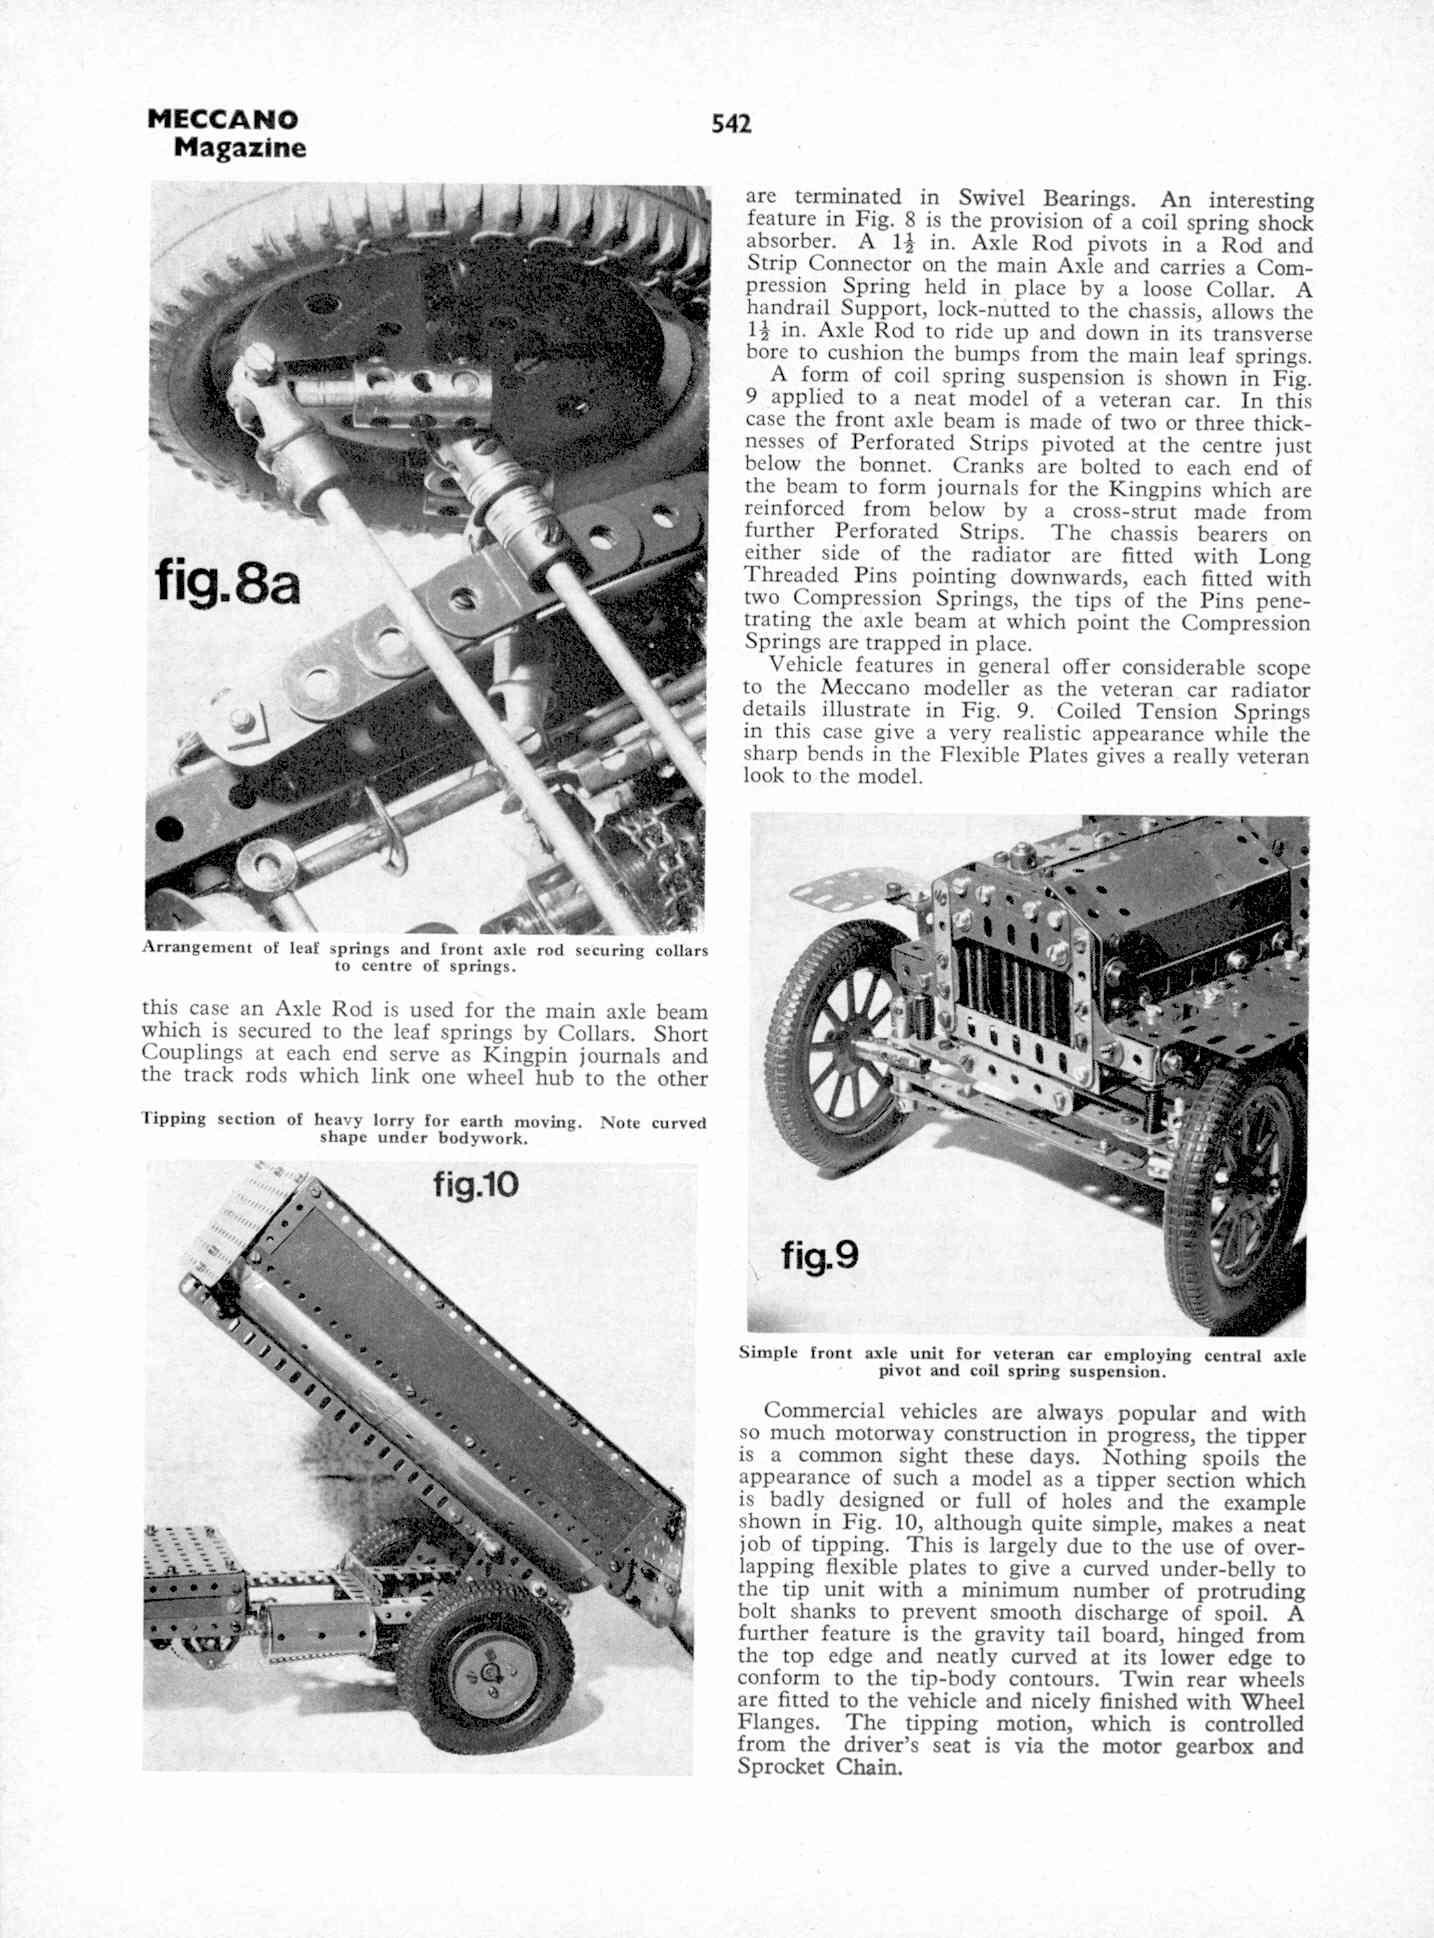 UK Meccano Magazine October 1970 Page 542